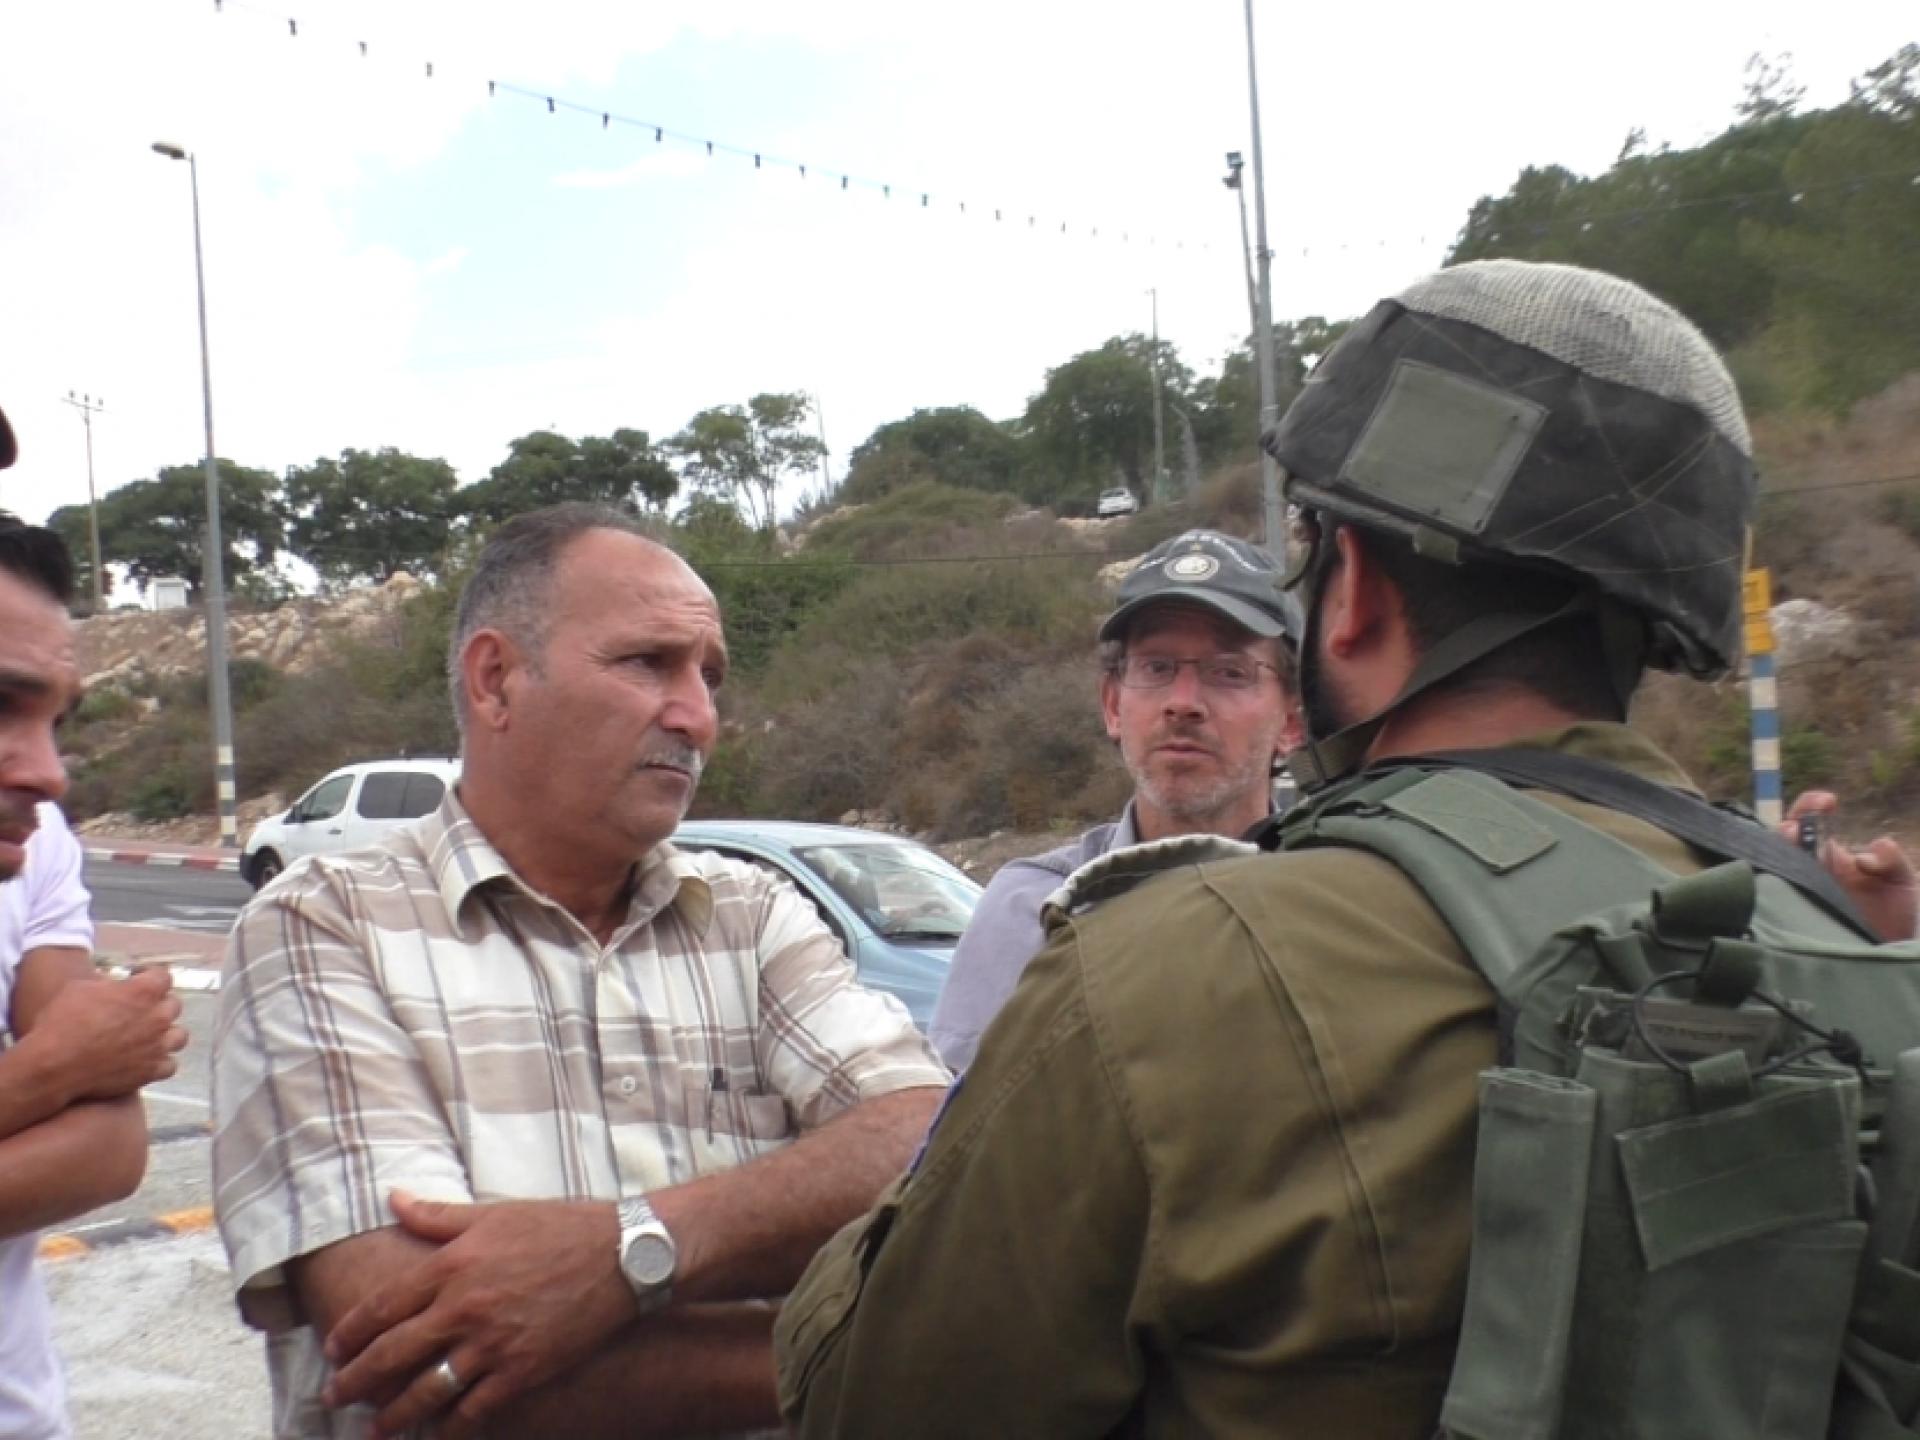 בעל השטח החקלאי ובניו דנים על הסדר כניסה לשטח עם המפקד הצבאי